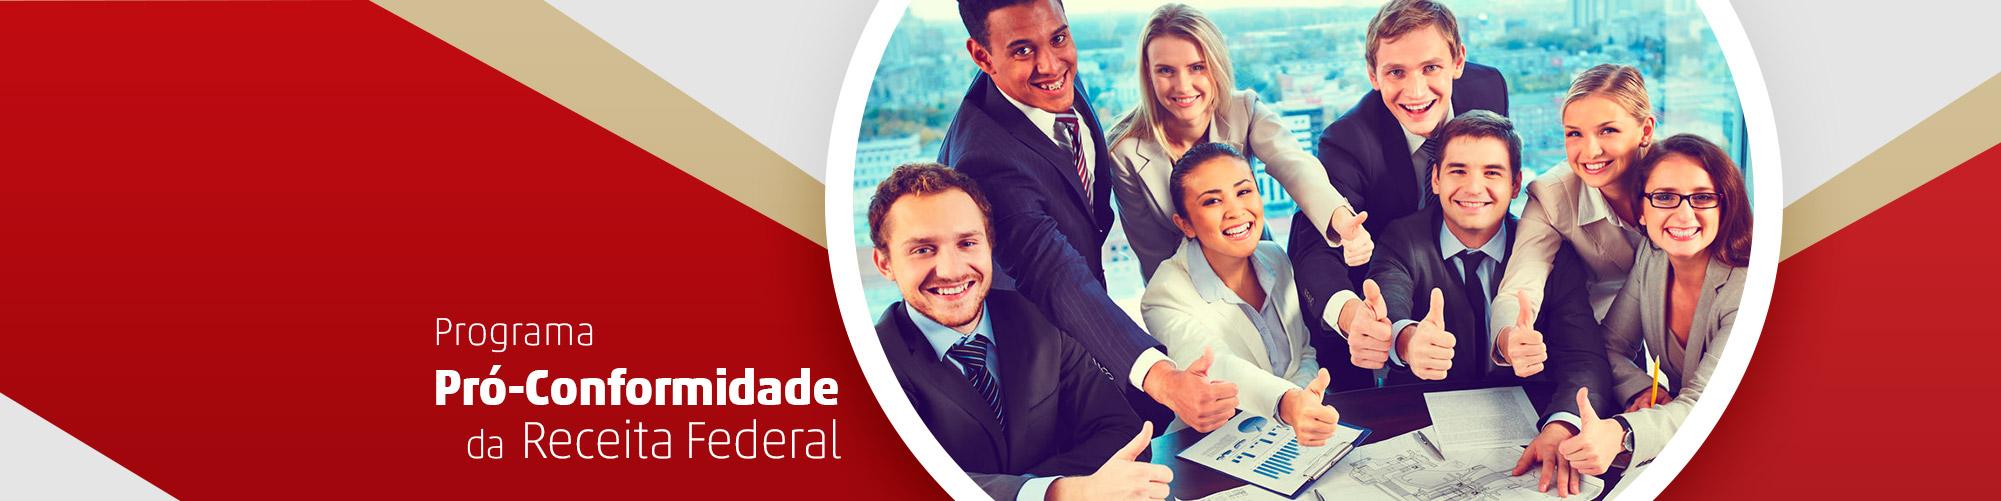 programa-pro-conformidade-Receita-Federal-TDF